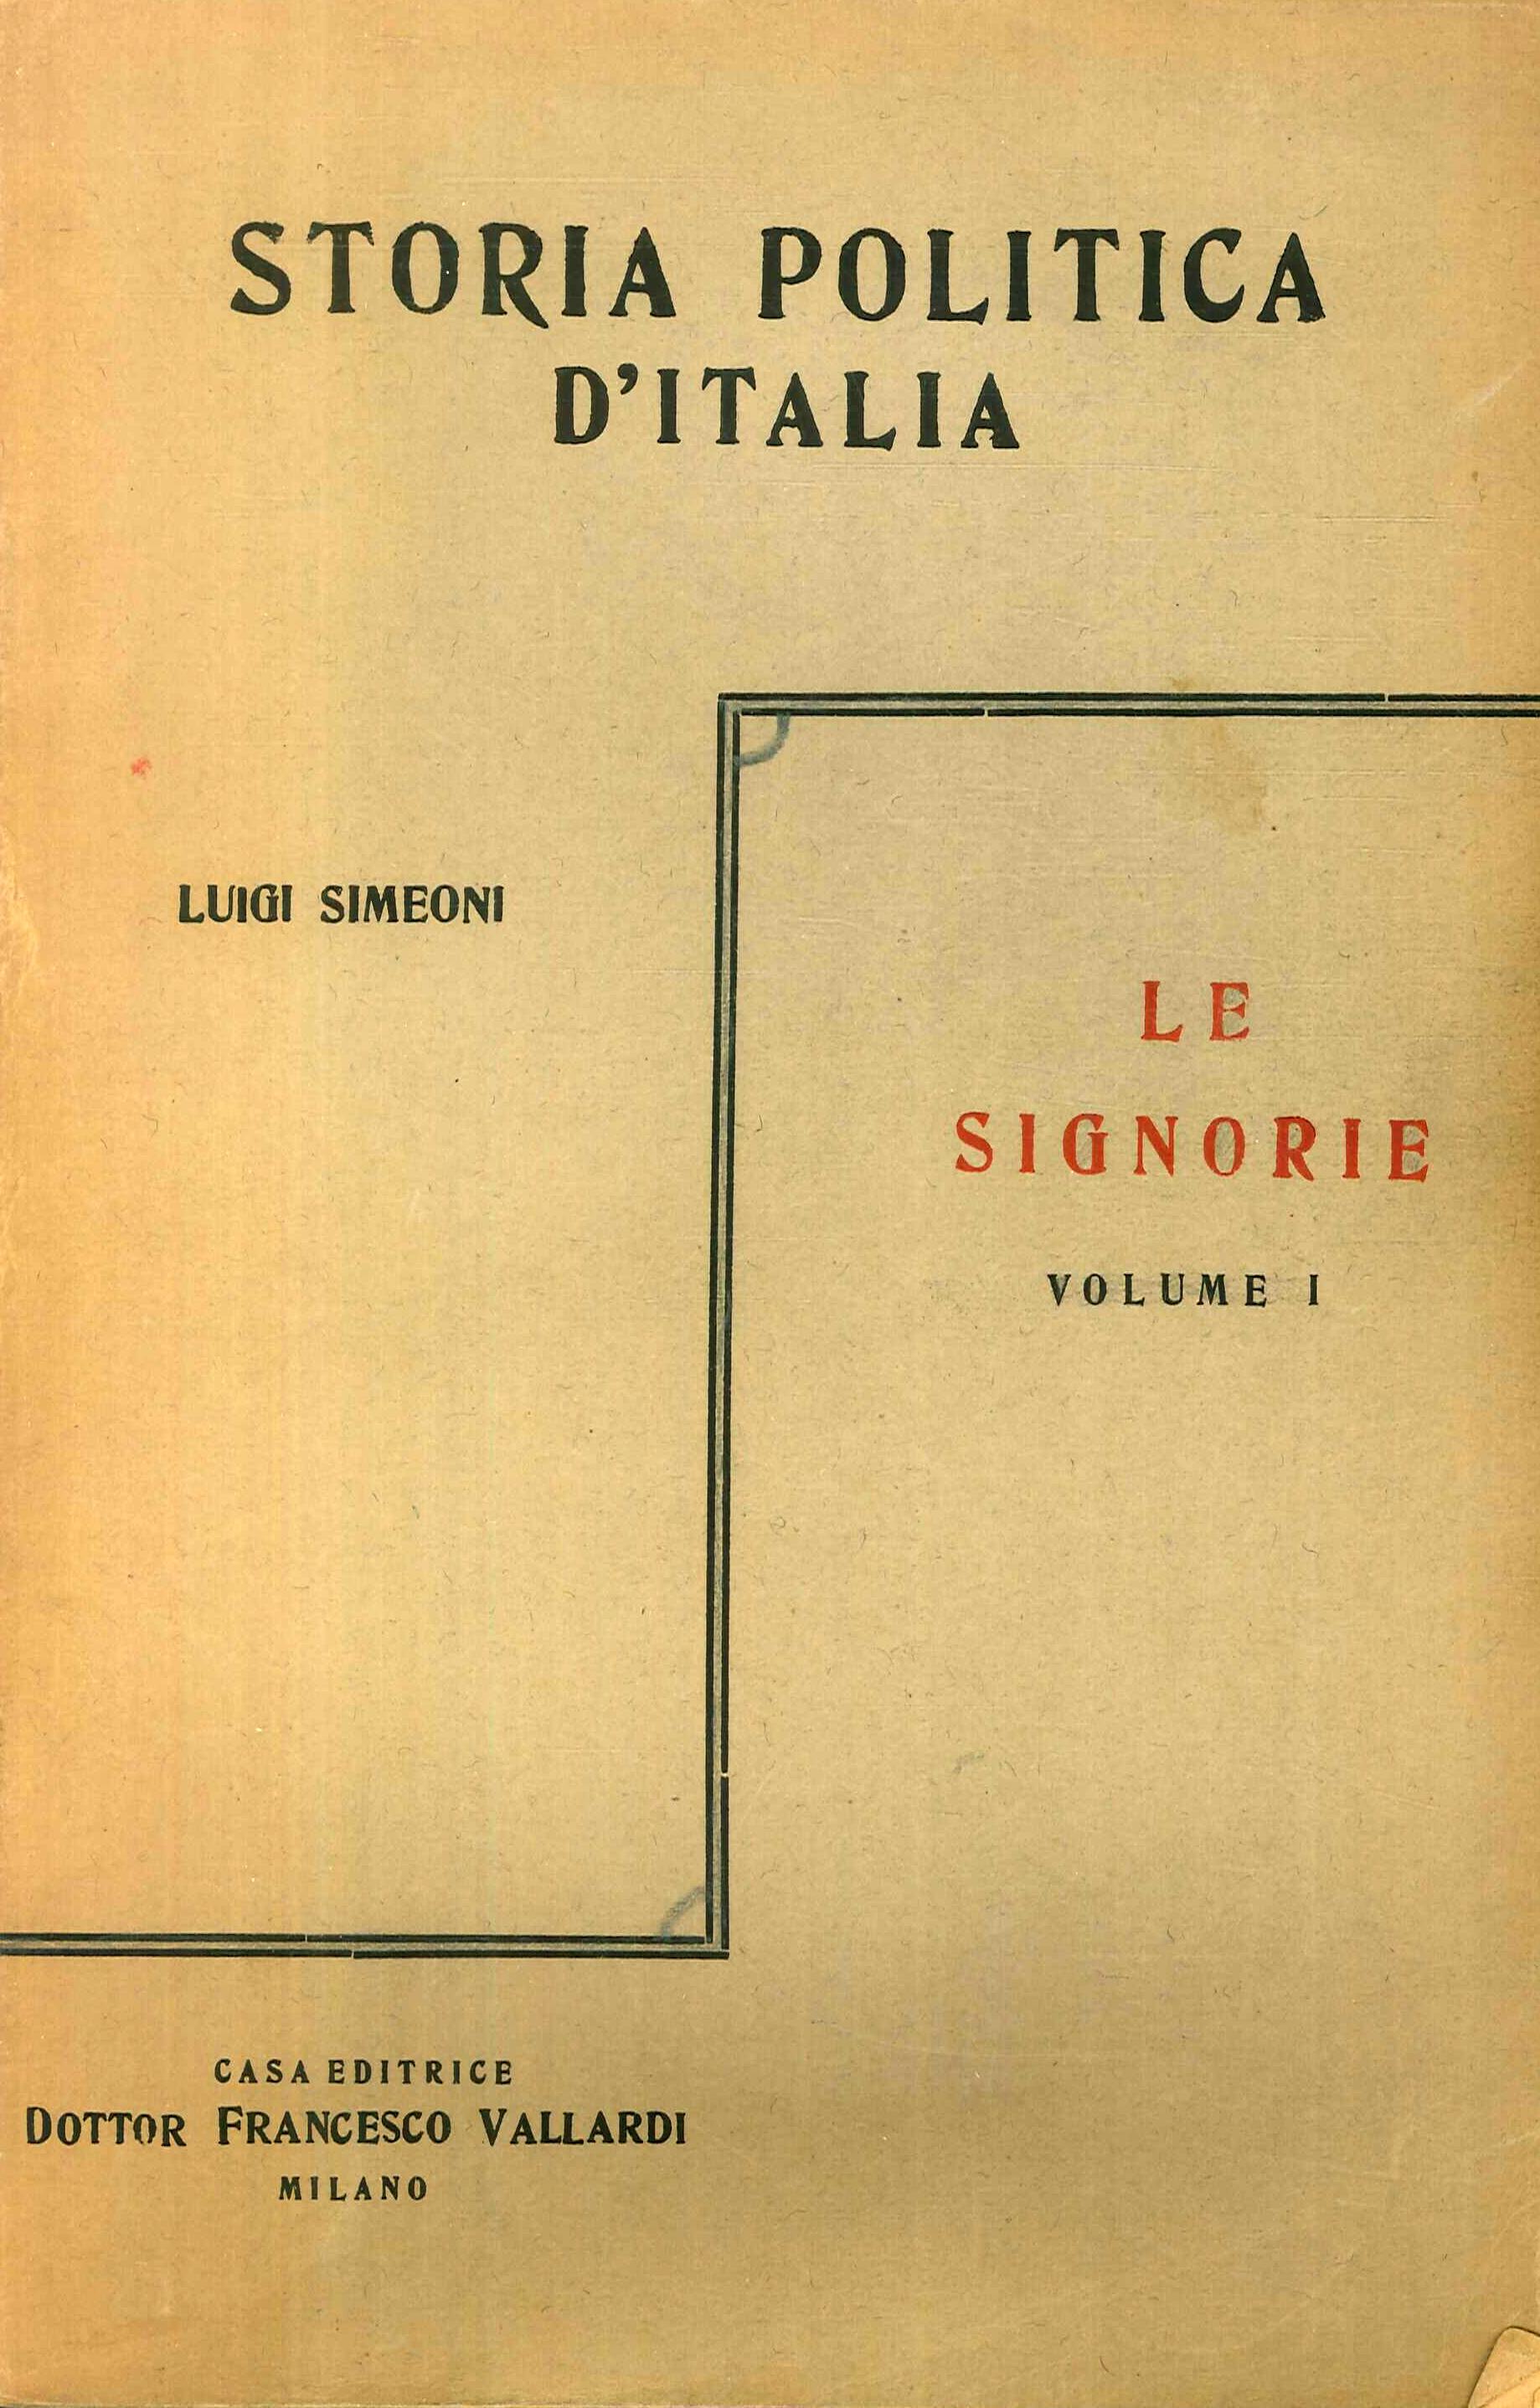 Storia Politica d'Italia dalle Origini ai Giorni Nostri. Le Signorie. Volume I